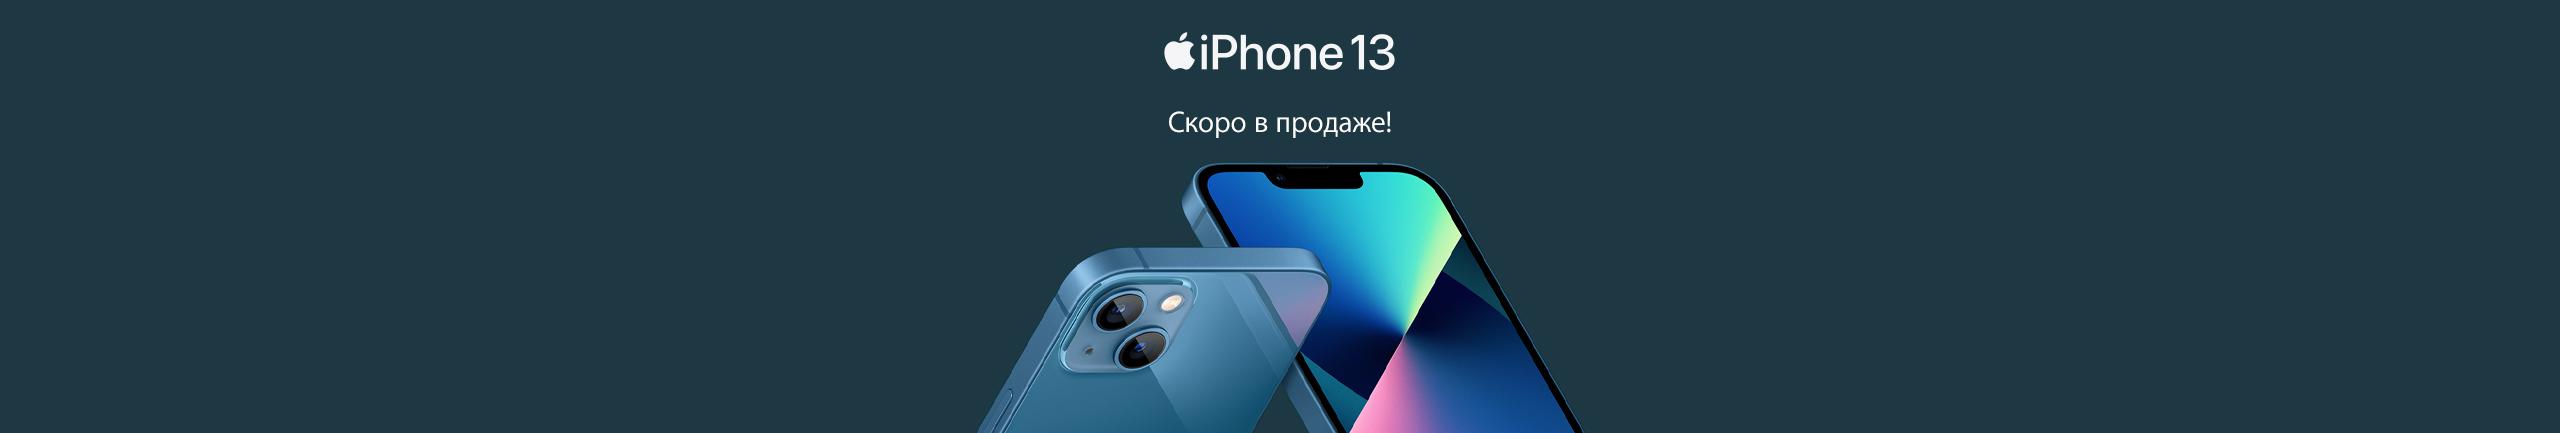 FPS Apple iPhone 13 и iPhone 12 Mini cкоро в продаже